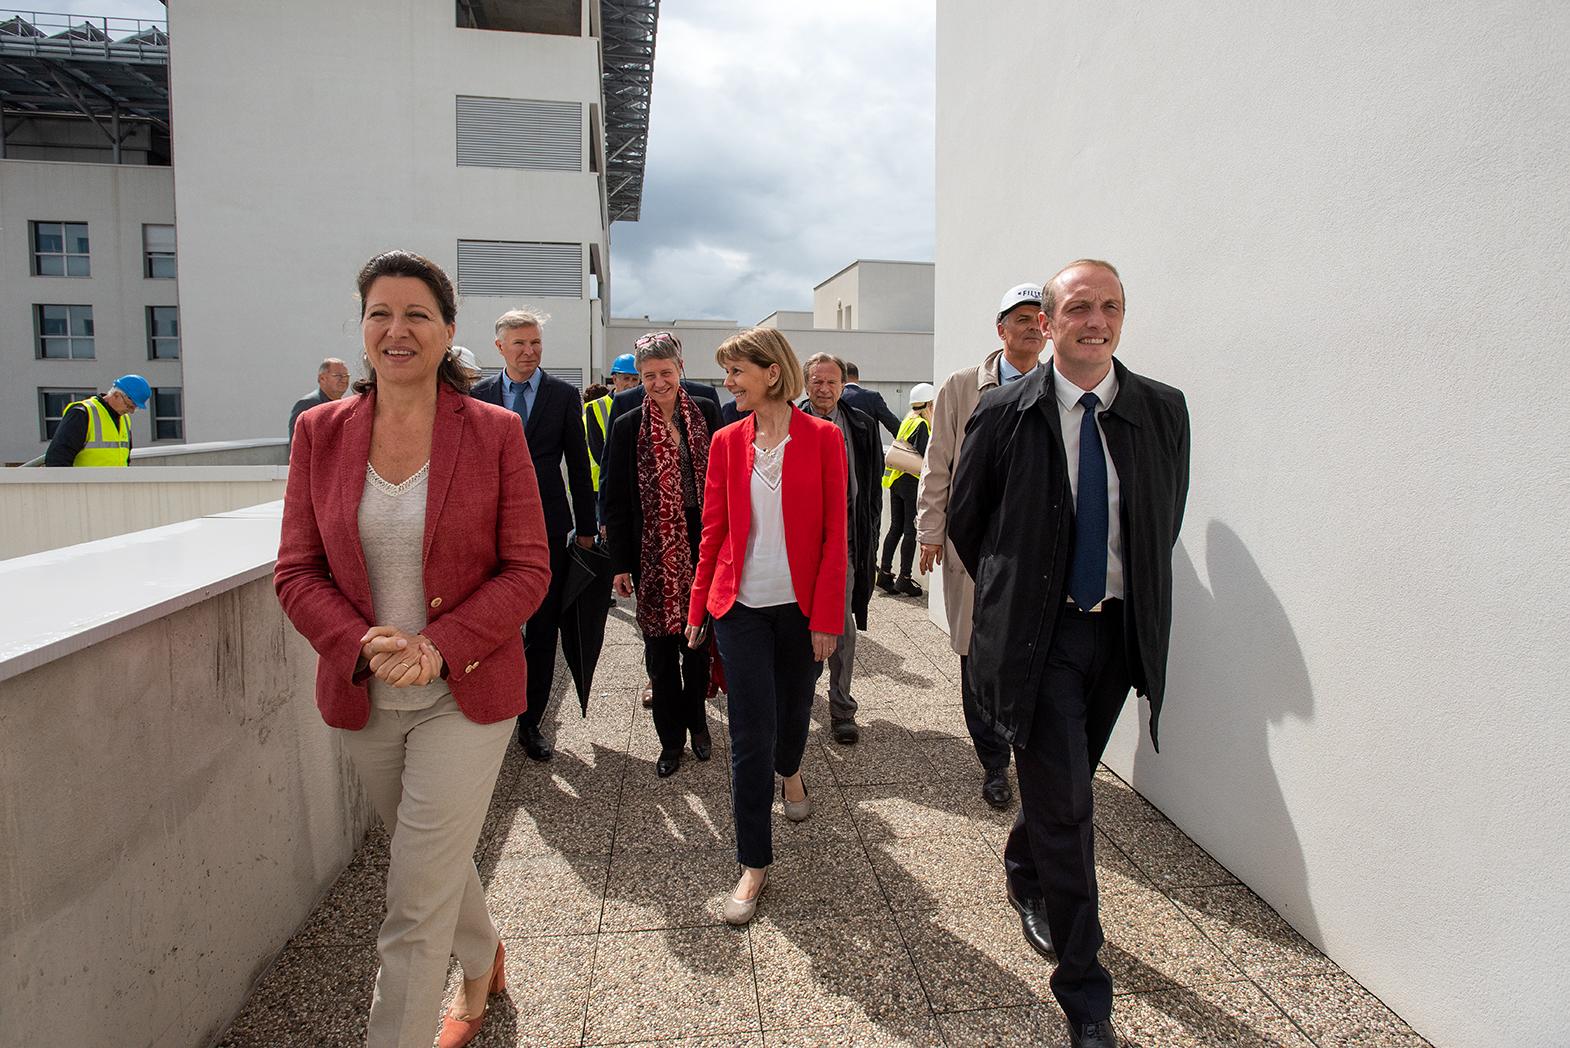 La ministre des solidarités et de la santé a visité ce lundi le futur hôpital d'Ajaccio aux côtés du maire d'Ajaccio et de la préfète de Corse, des entreprises en charge des travaux et du président de l'Exécutif de Corse (Photos Ville d'Ajaccio).